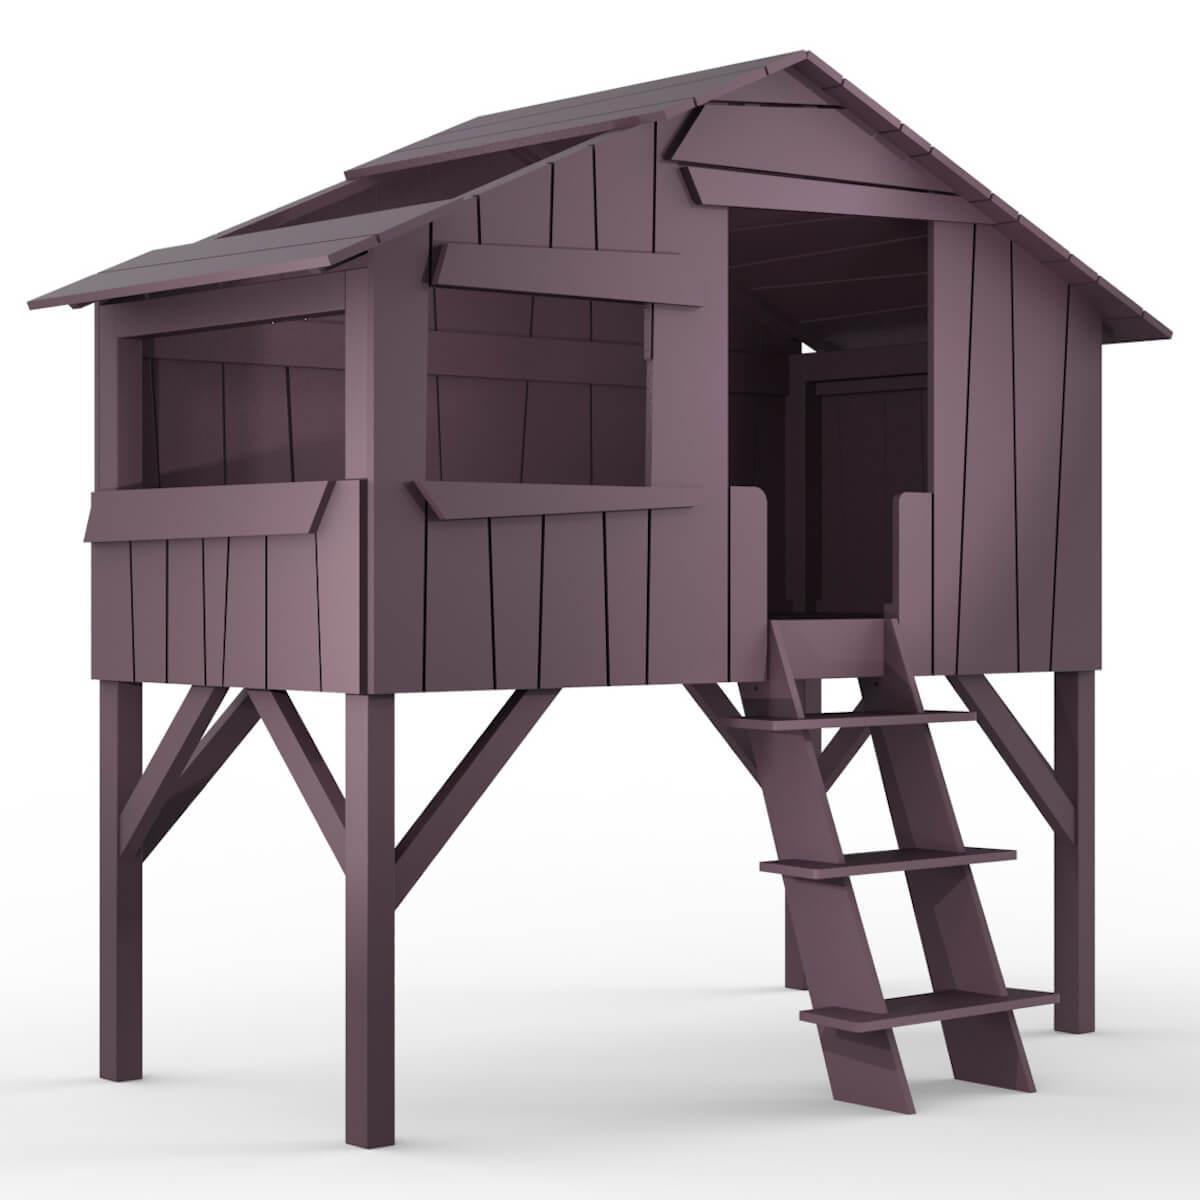 Lit mi hauteur 90x190cm CABANE Mathy by Bols violet cuberdon